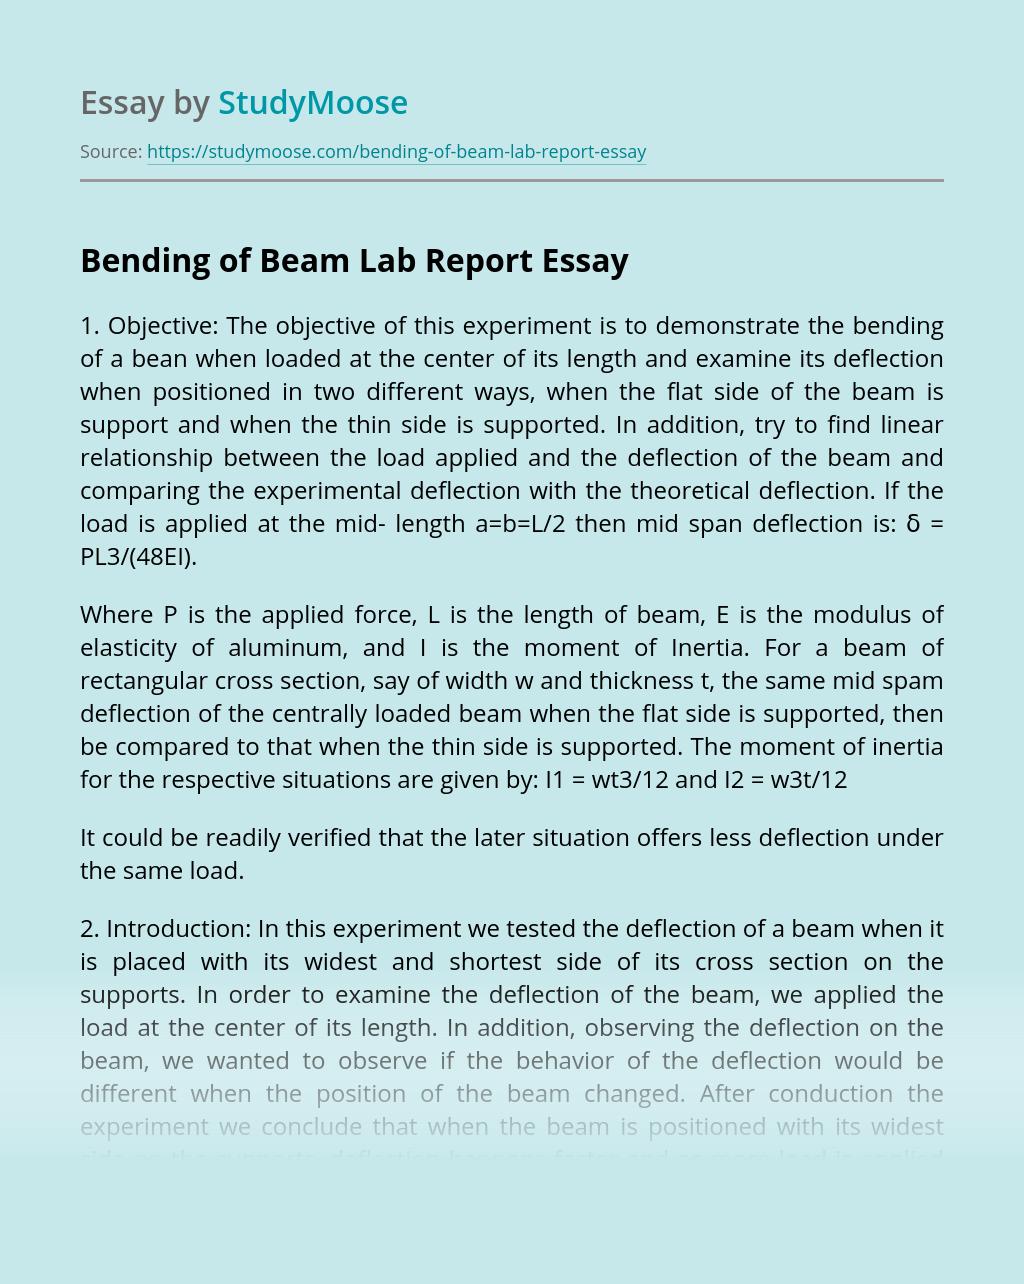 Bending of Beam Lab Report